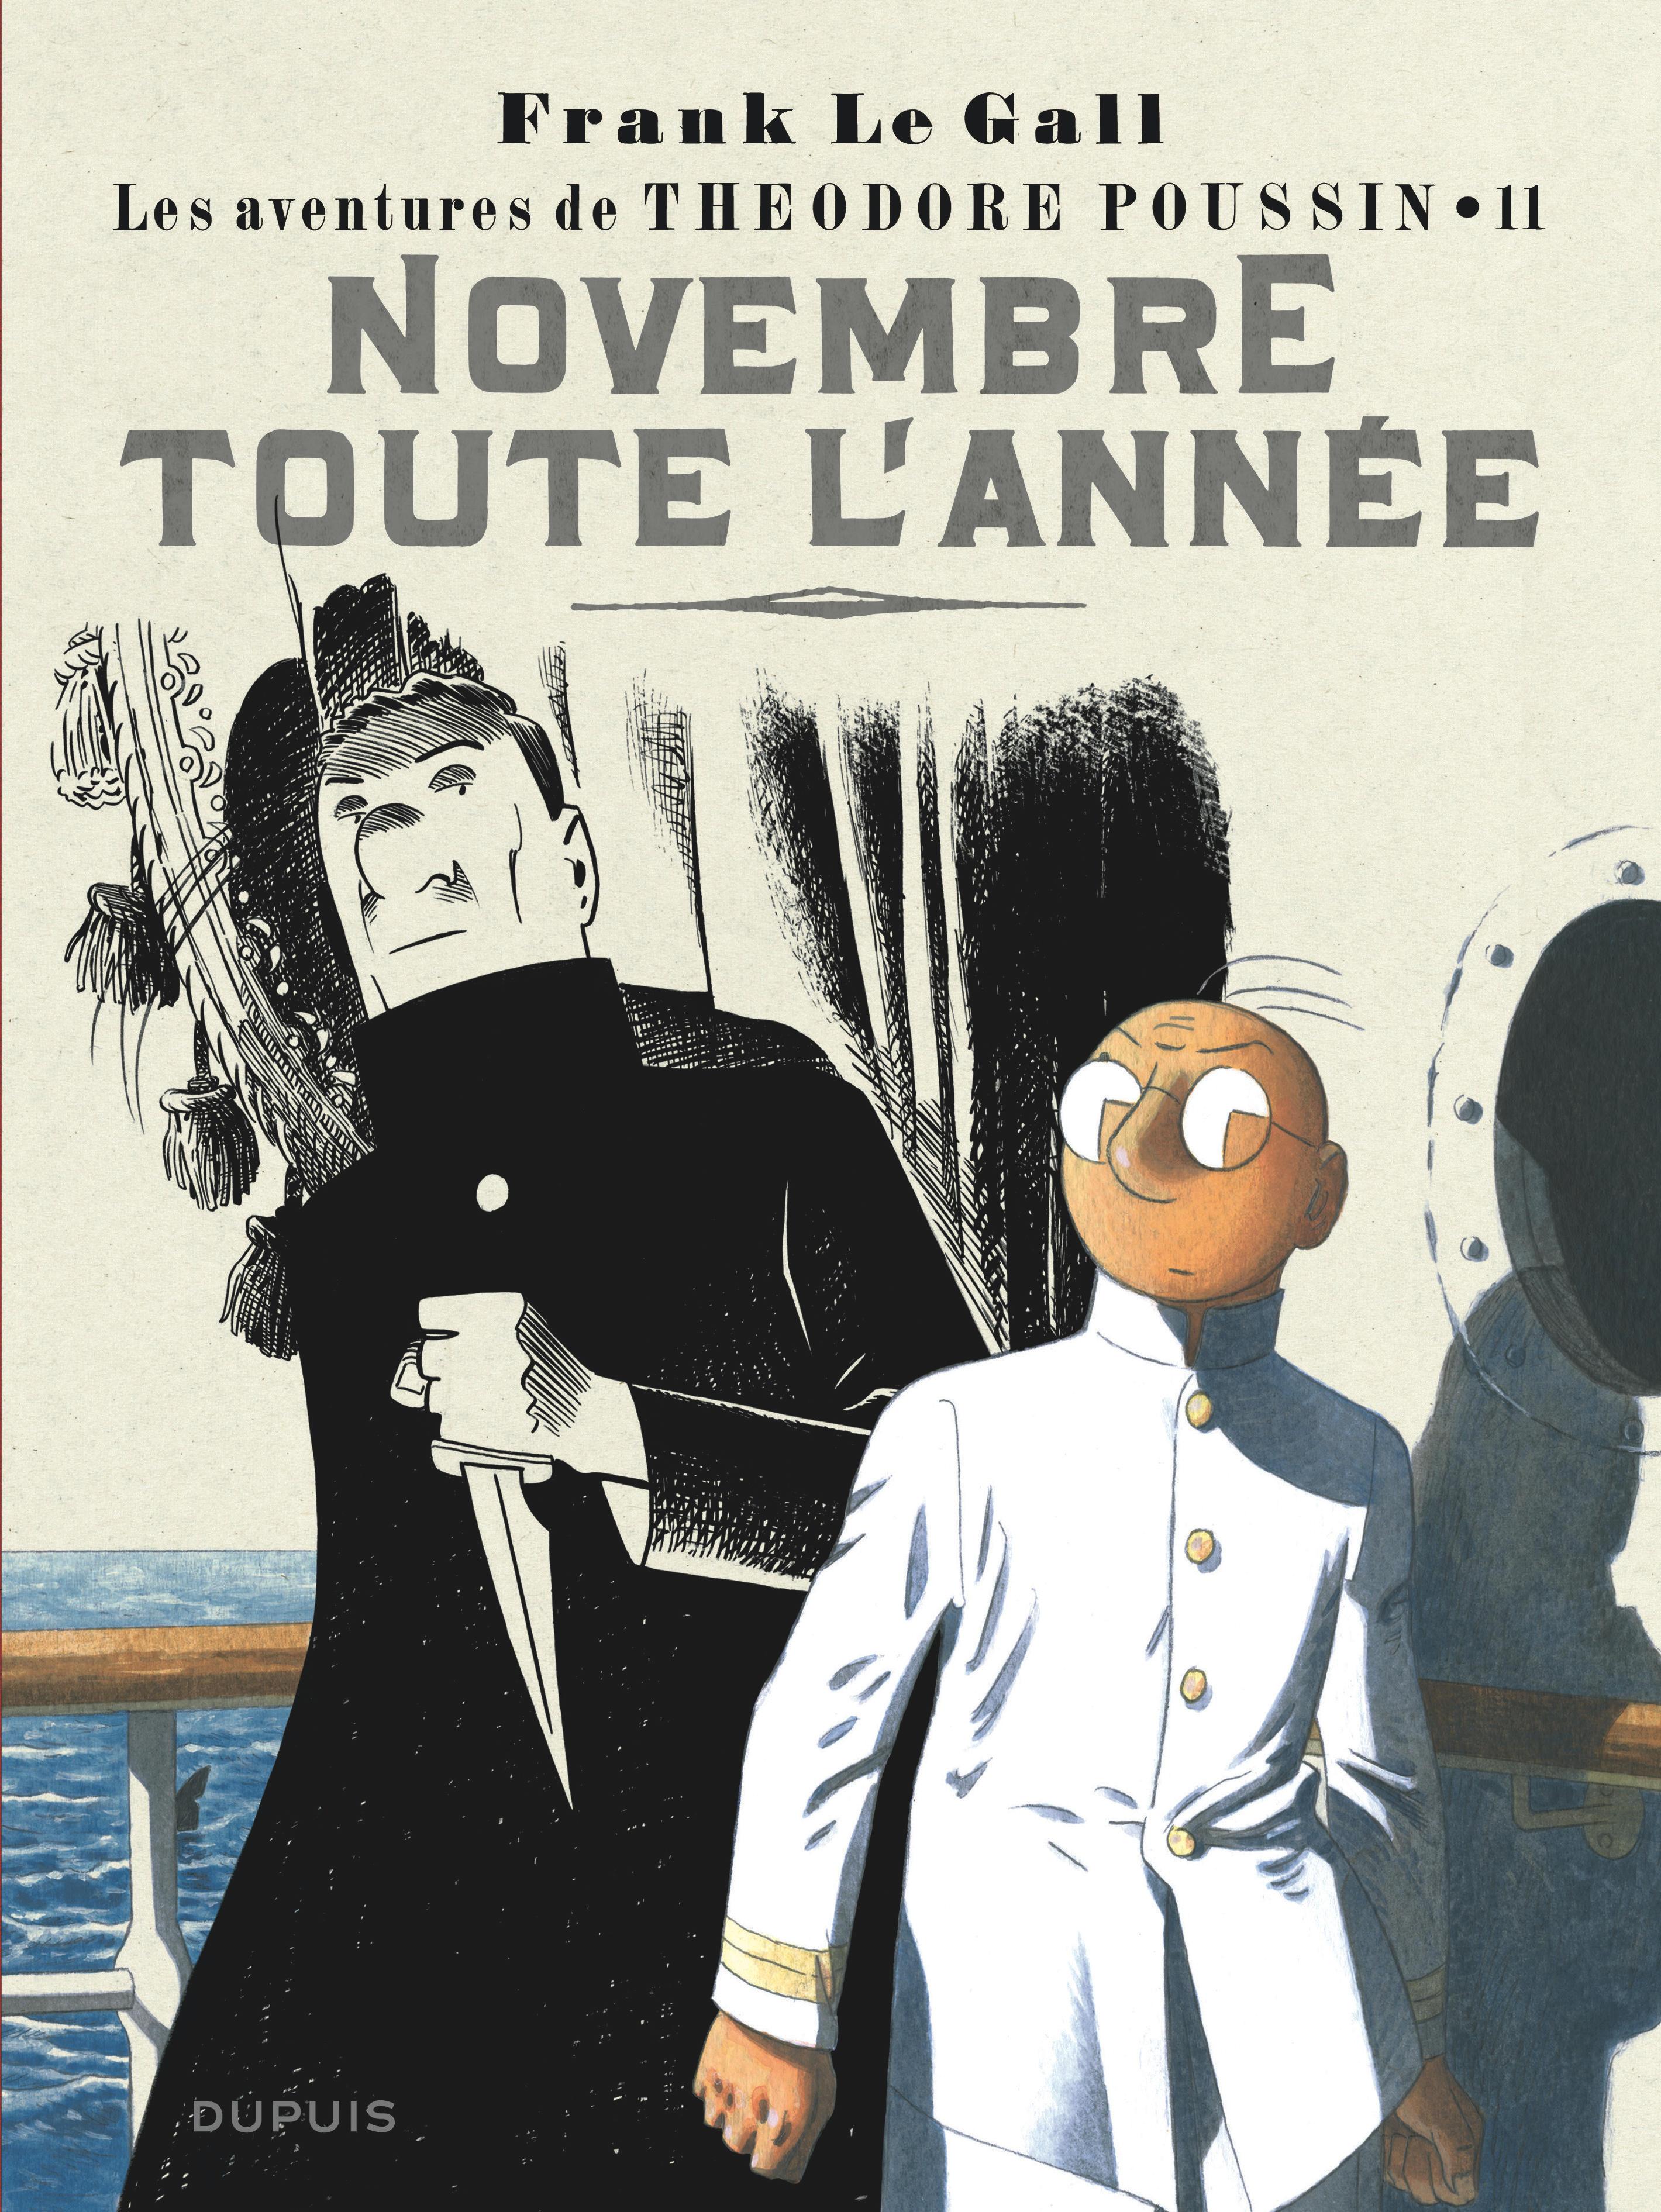 THEODORE POUSSIN T11 NOVEMBRE TOUTE L'ANNEE